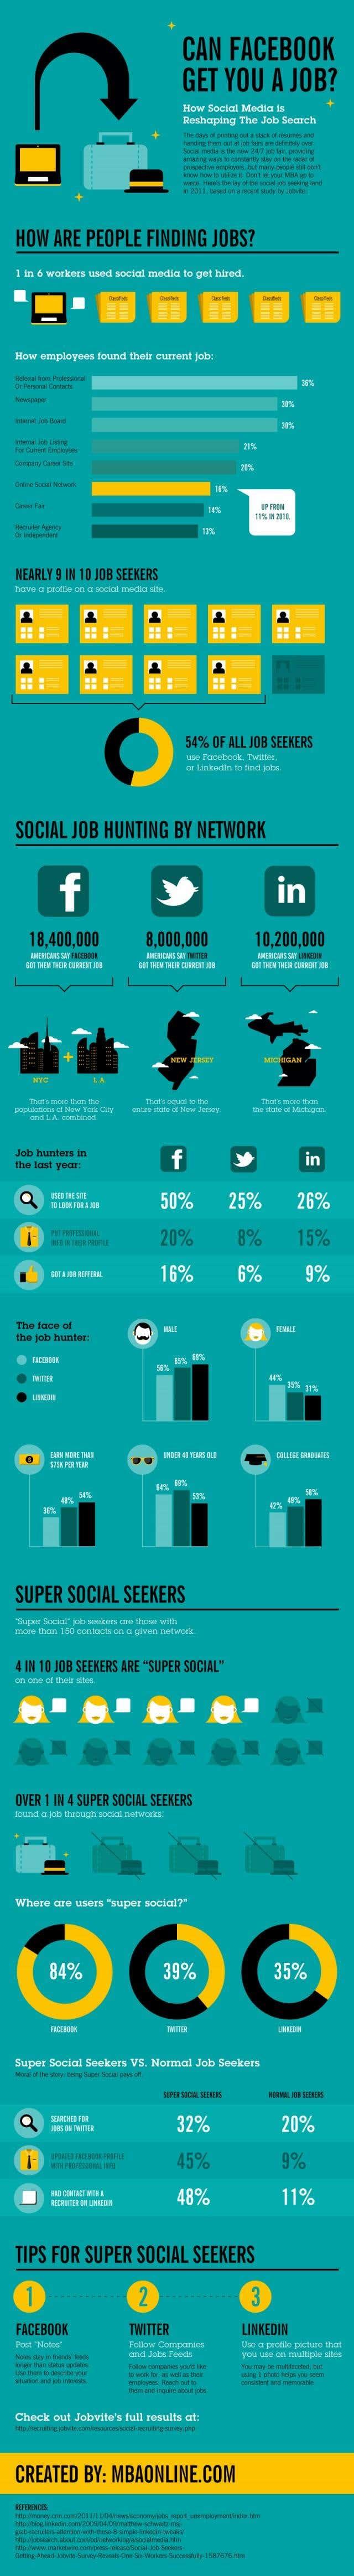 Busqueda de trabajo redes sociales